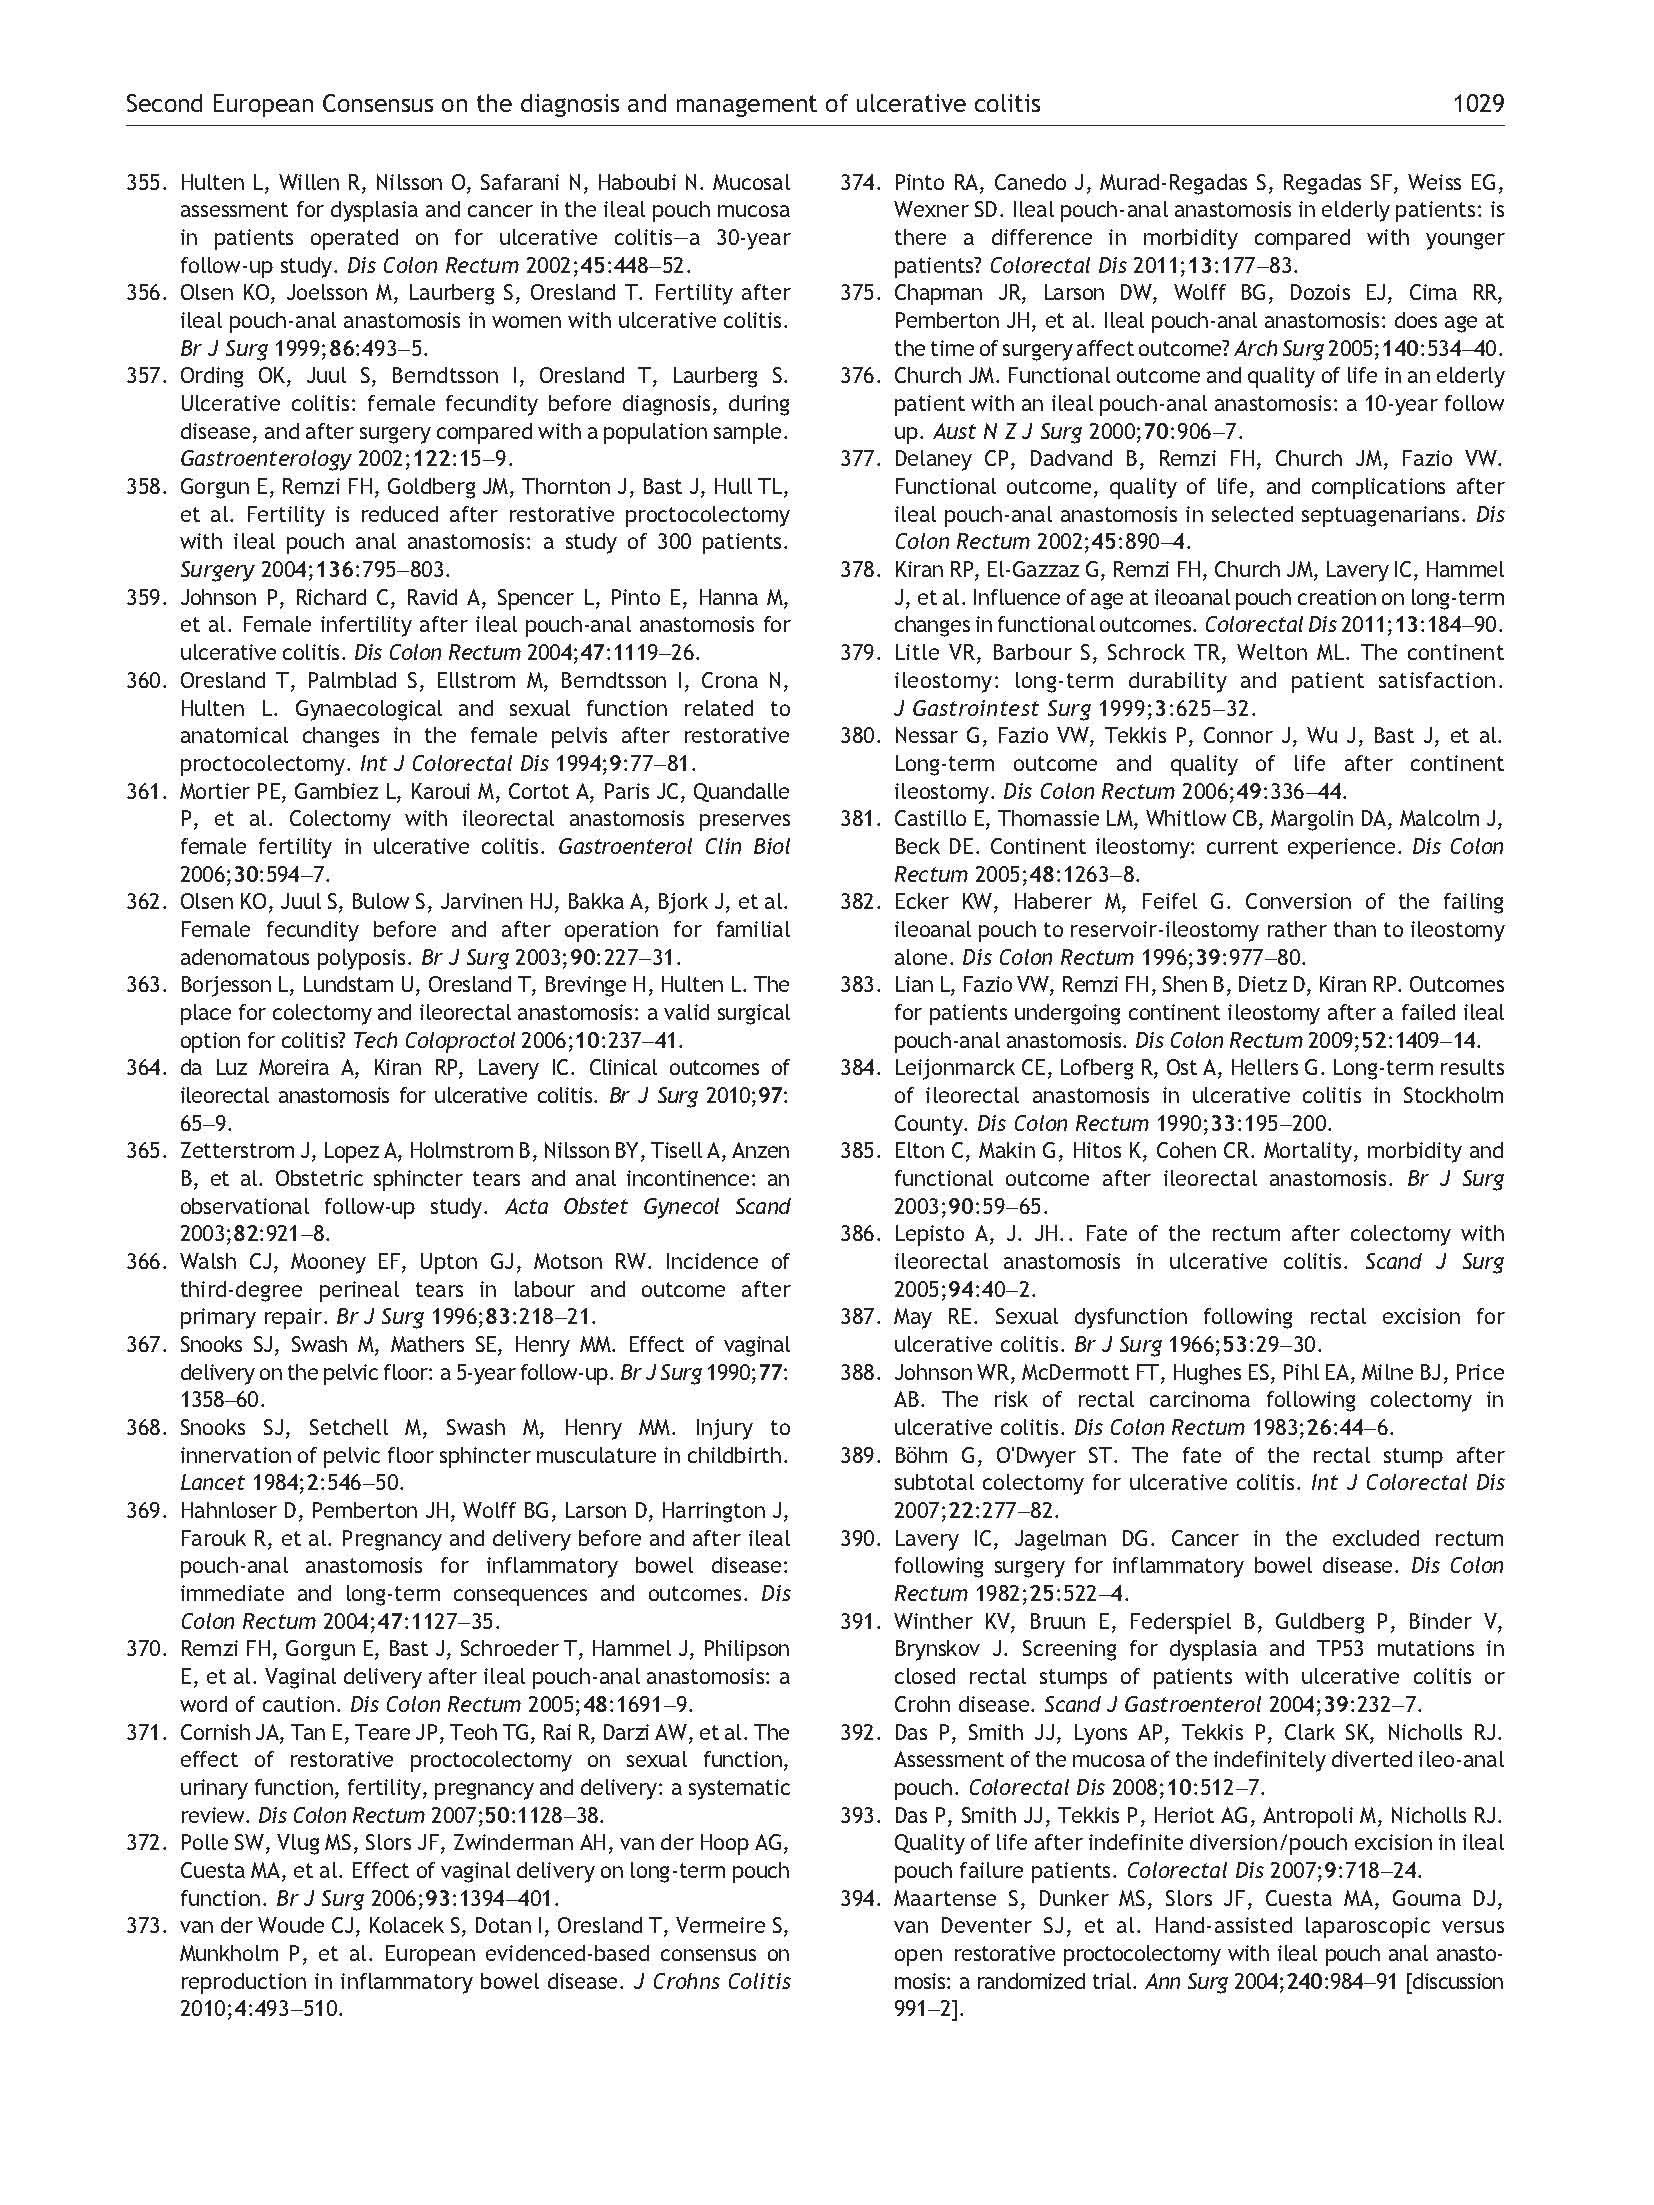 2012-ECCO第二版-欧洲询证共识:溃疡性结肠炎的诊断和处理—日常处理_页面_39.jpg